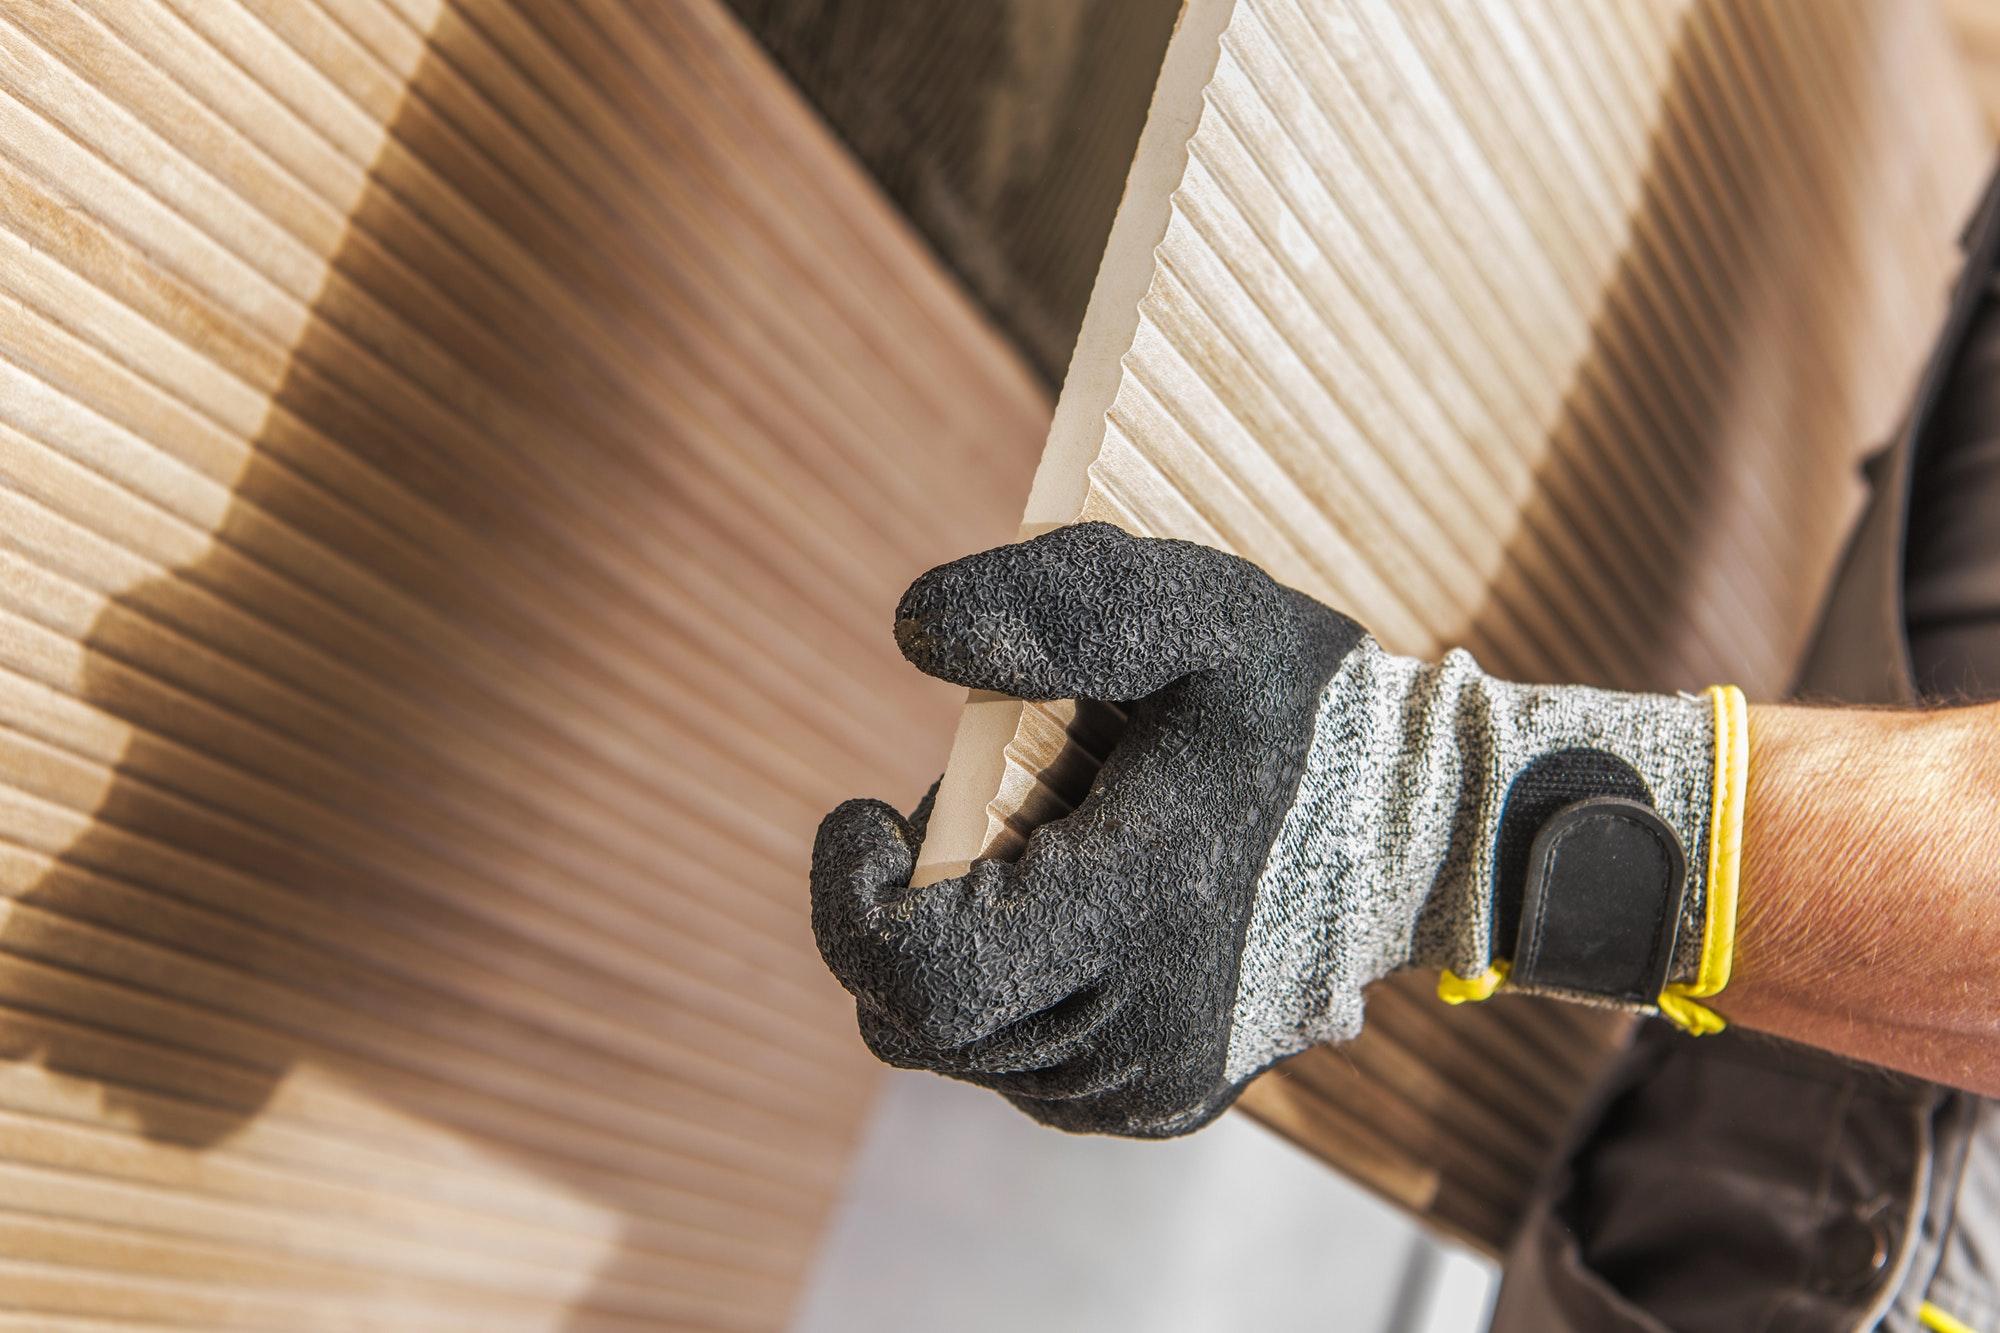 Ceramic Tiles Wall Install